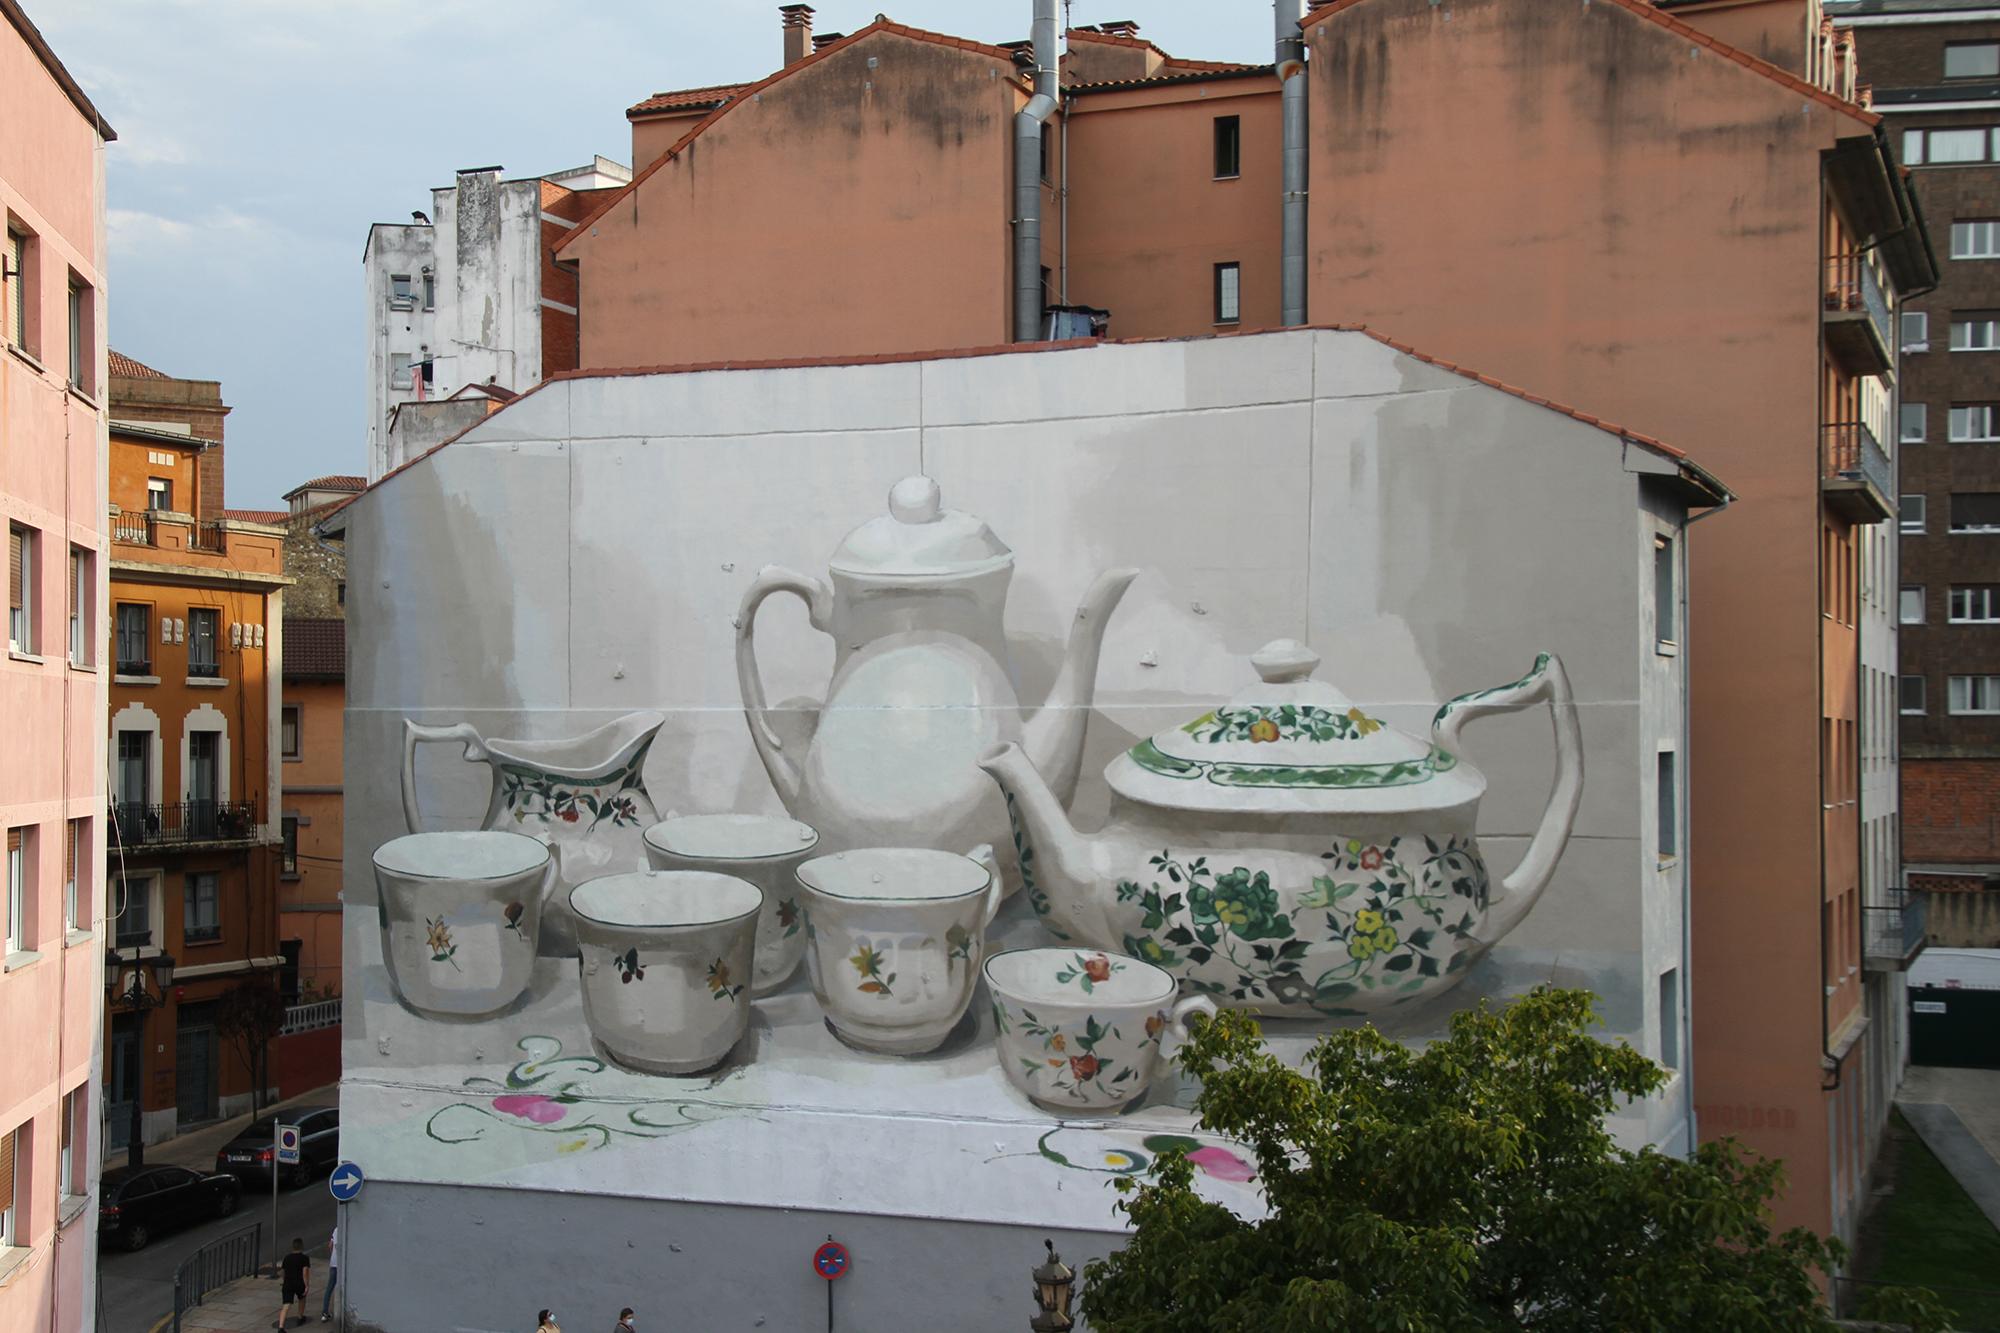 Multi-Story Murals Showcase Domesticity through Elegant Ceramic Tableware